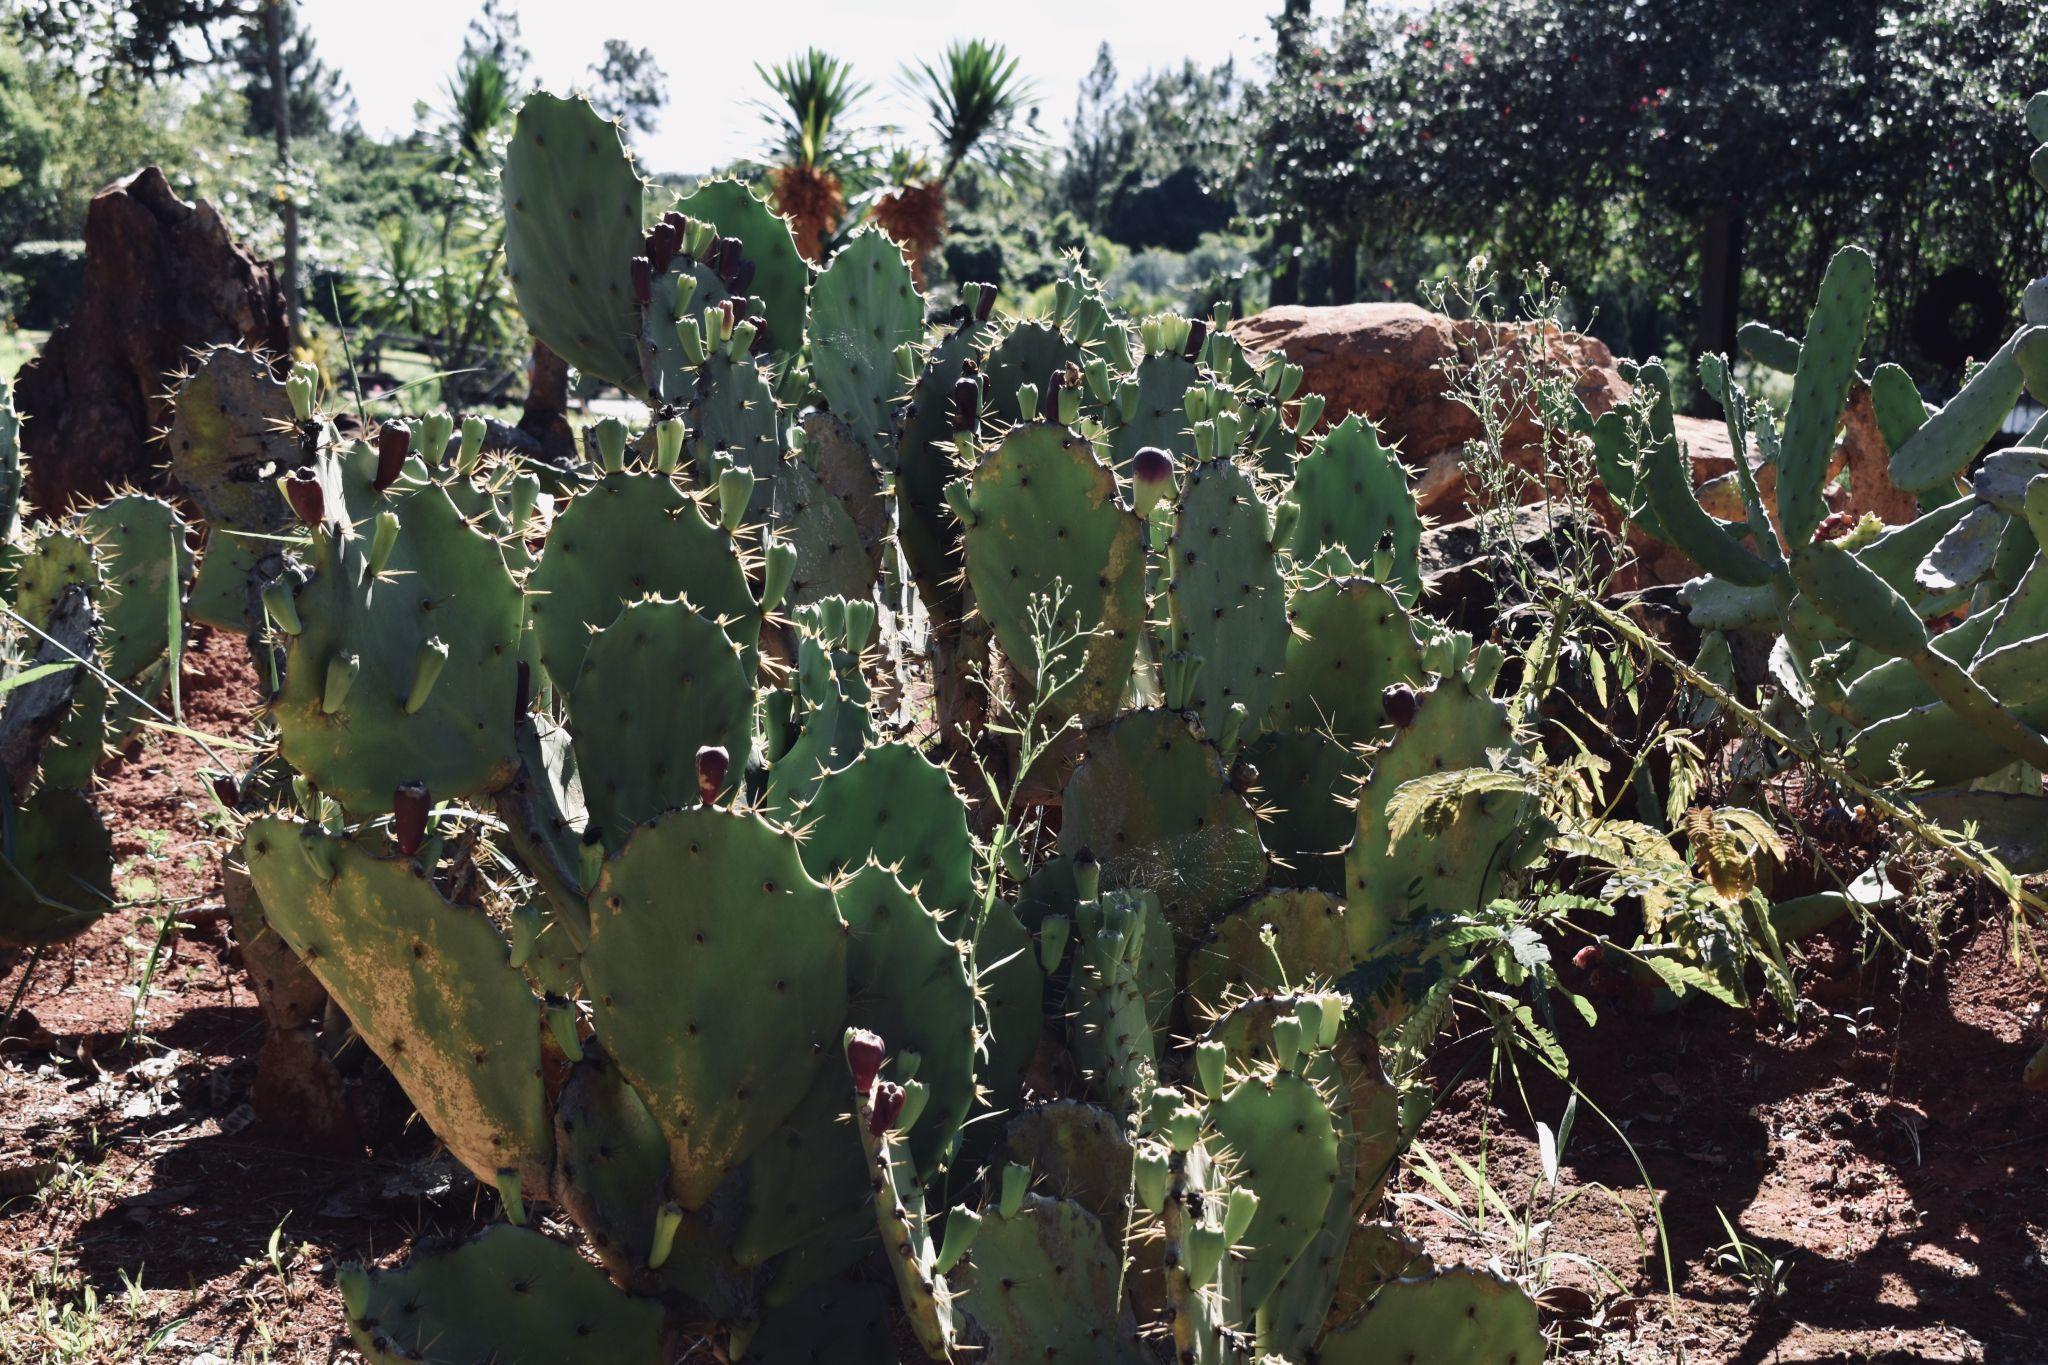 Cactus-in-Brazil